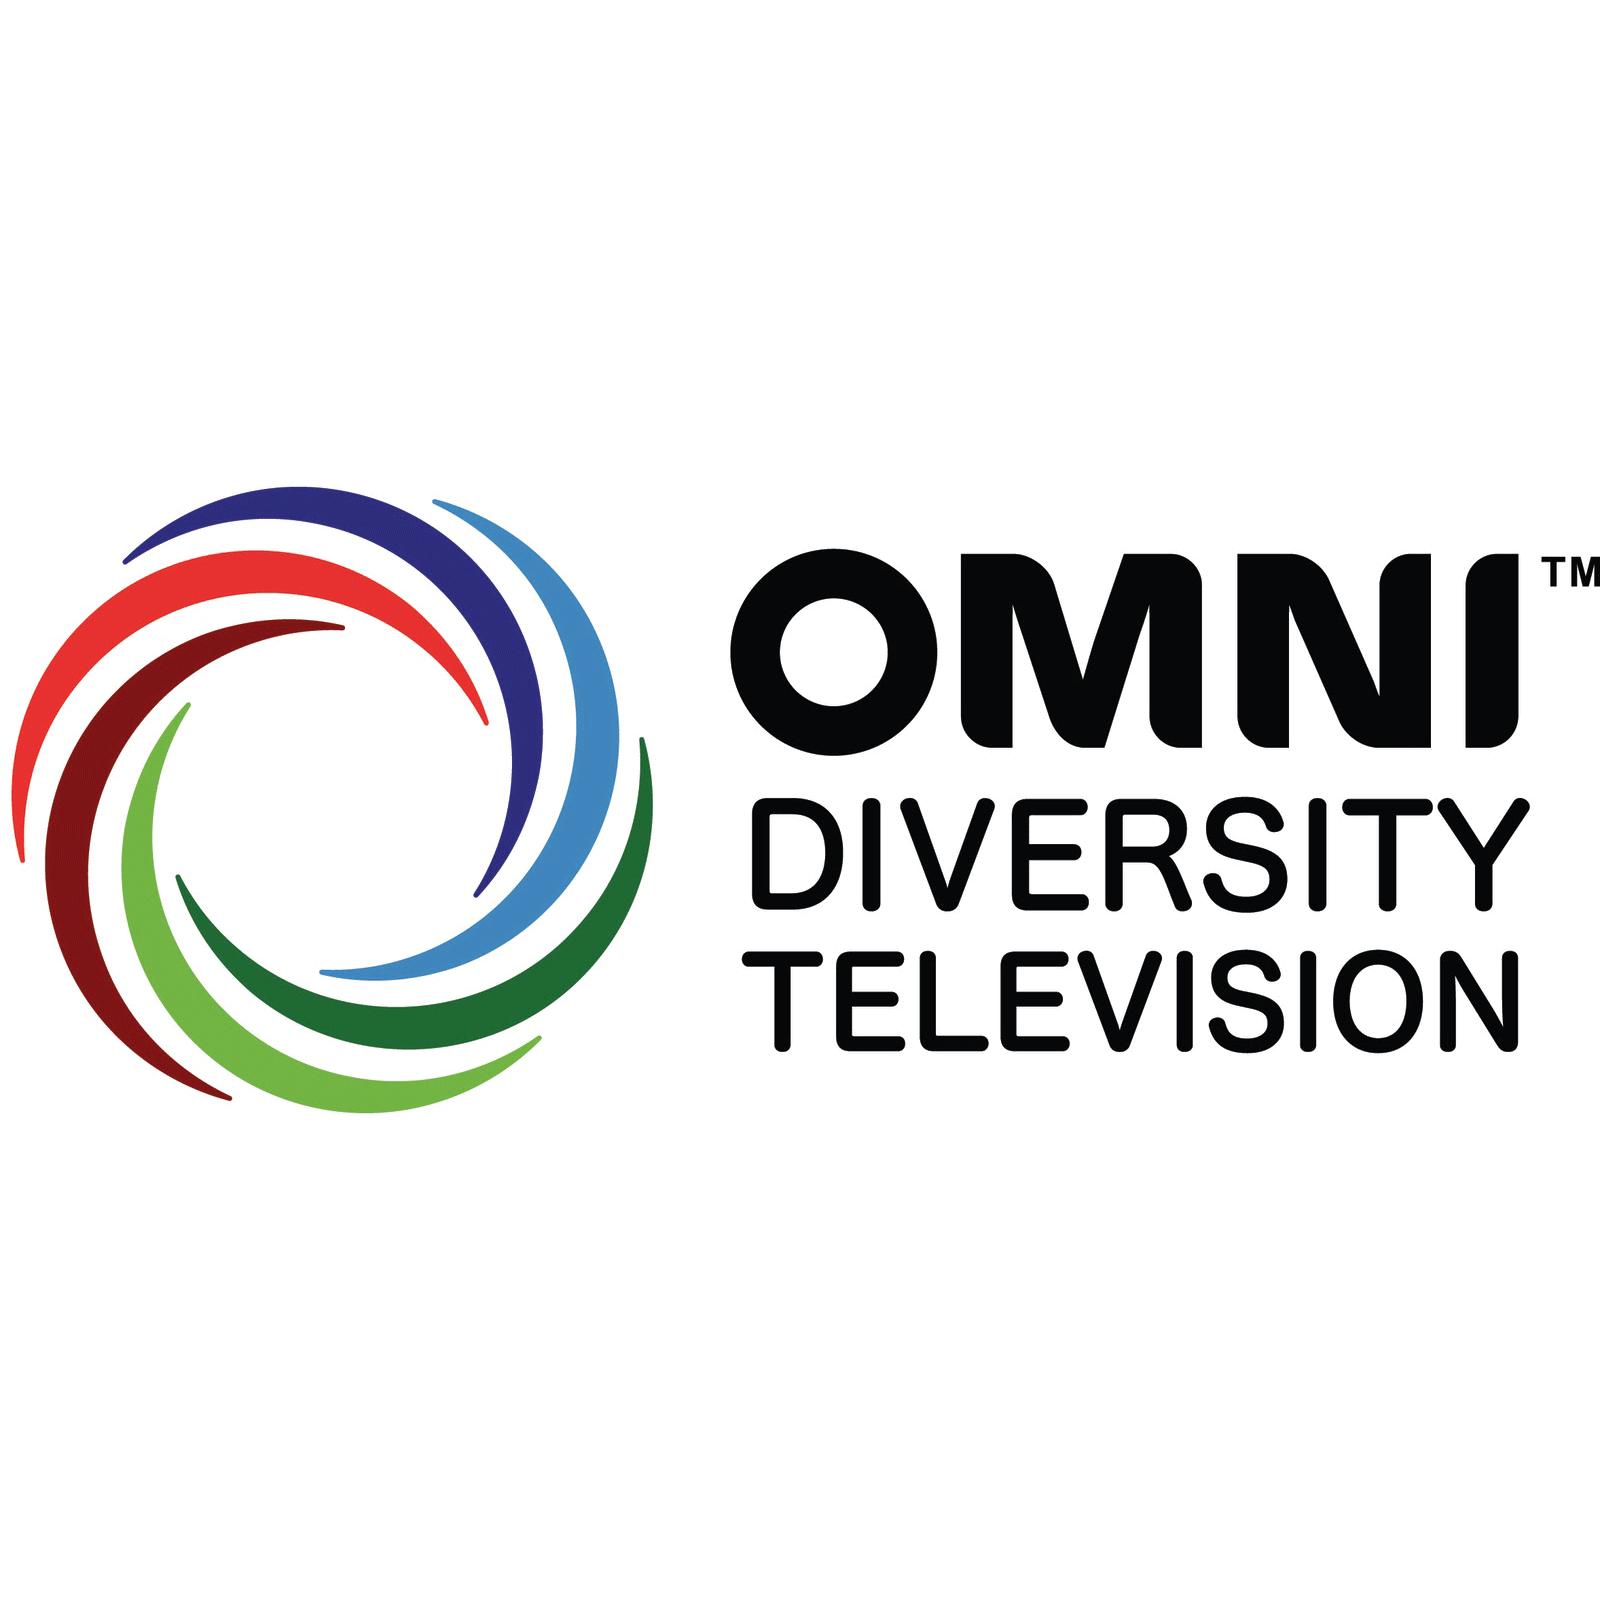 OMNI_DIV_TV_hor300